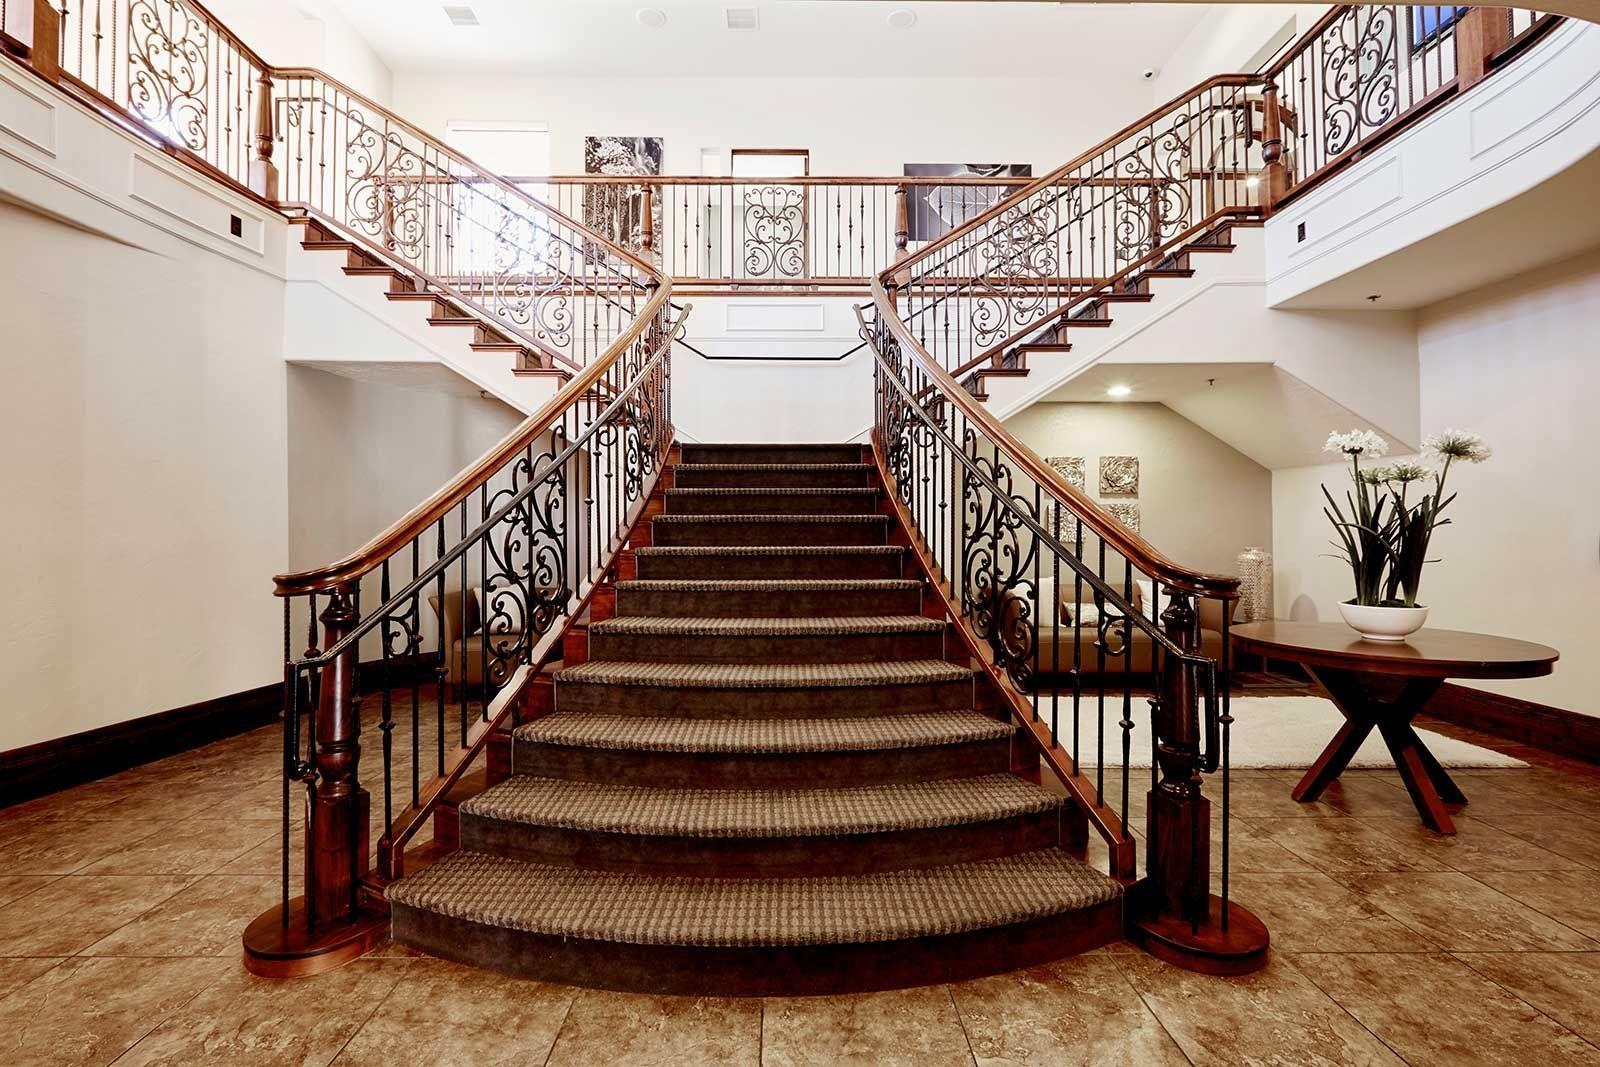 Ensuite, personnalisez-le vous-même en ajoutant, par exemple, une rampe d'appui plus décorative ou même un tapis.